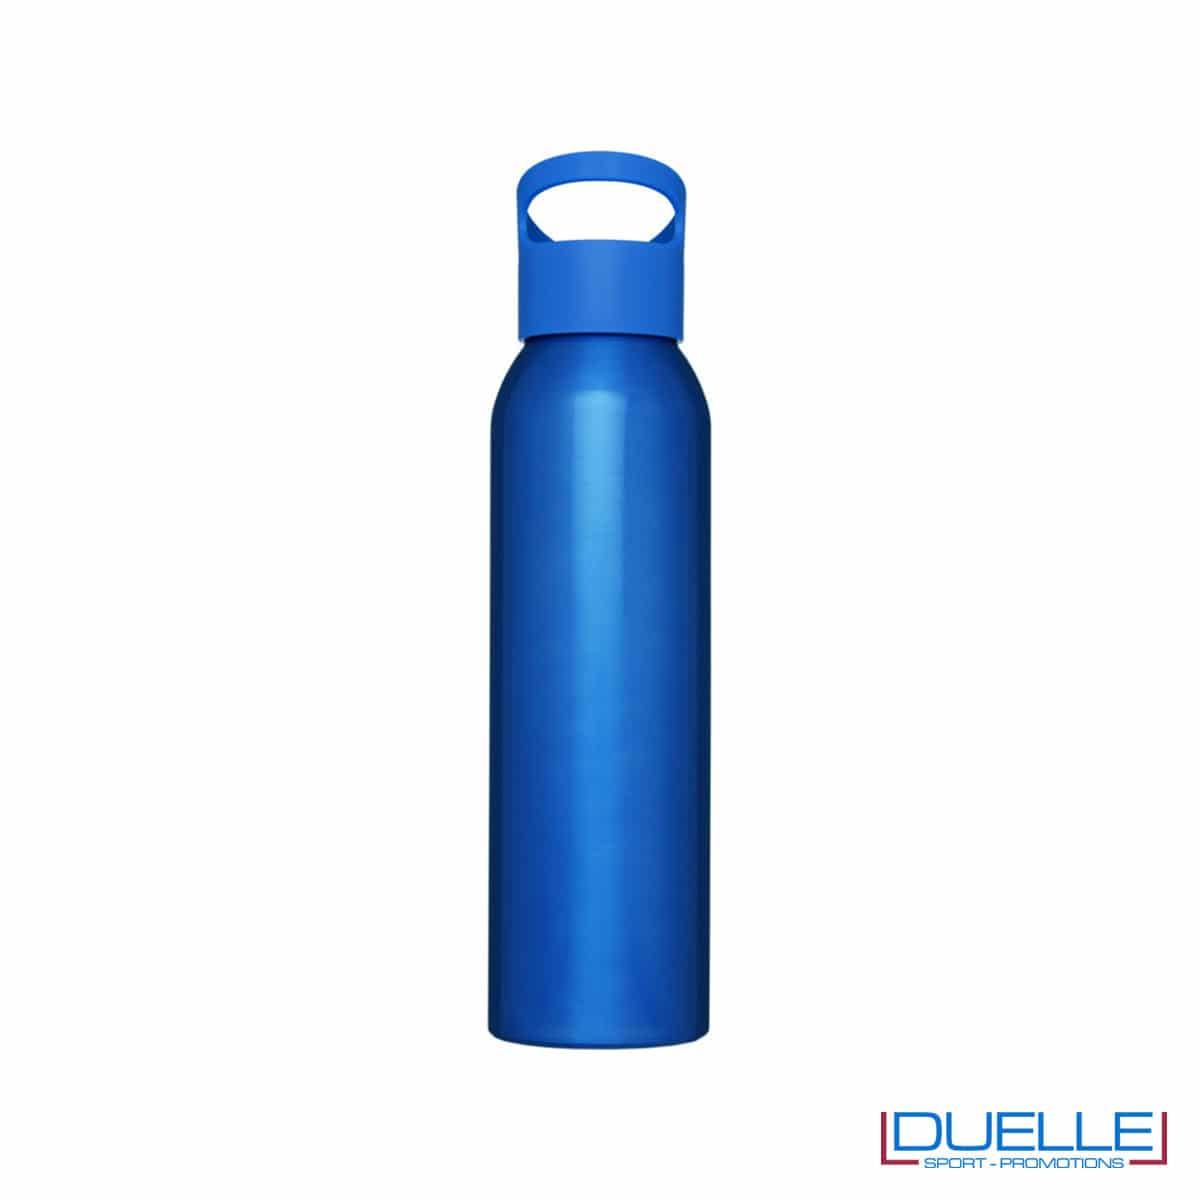 Borraccia alluminio colore blu con tappo in plastica